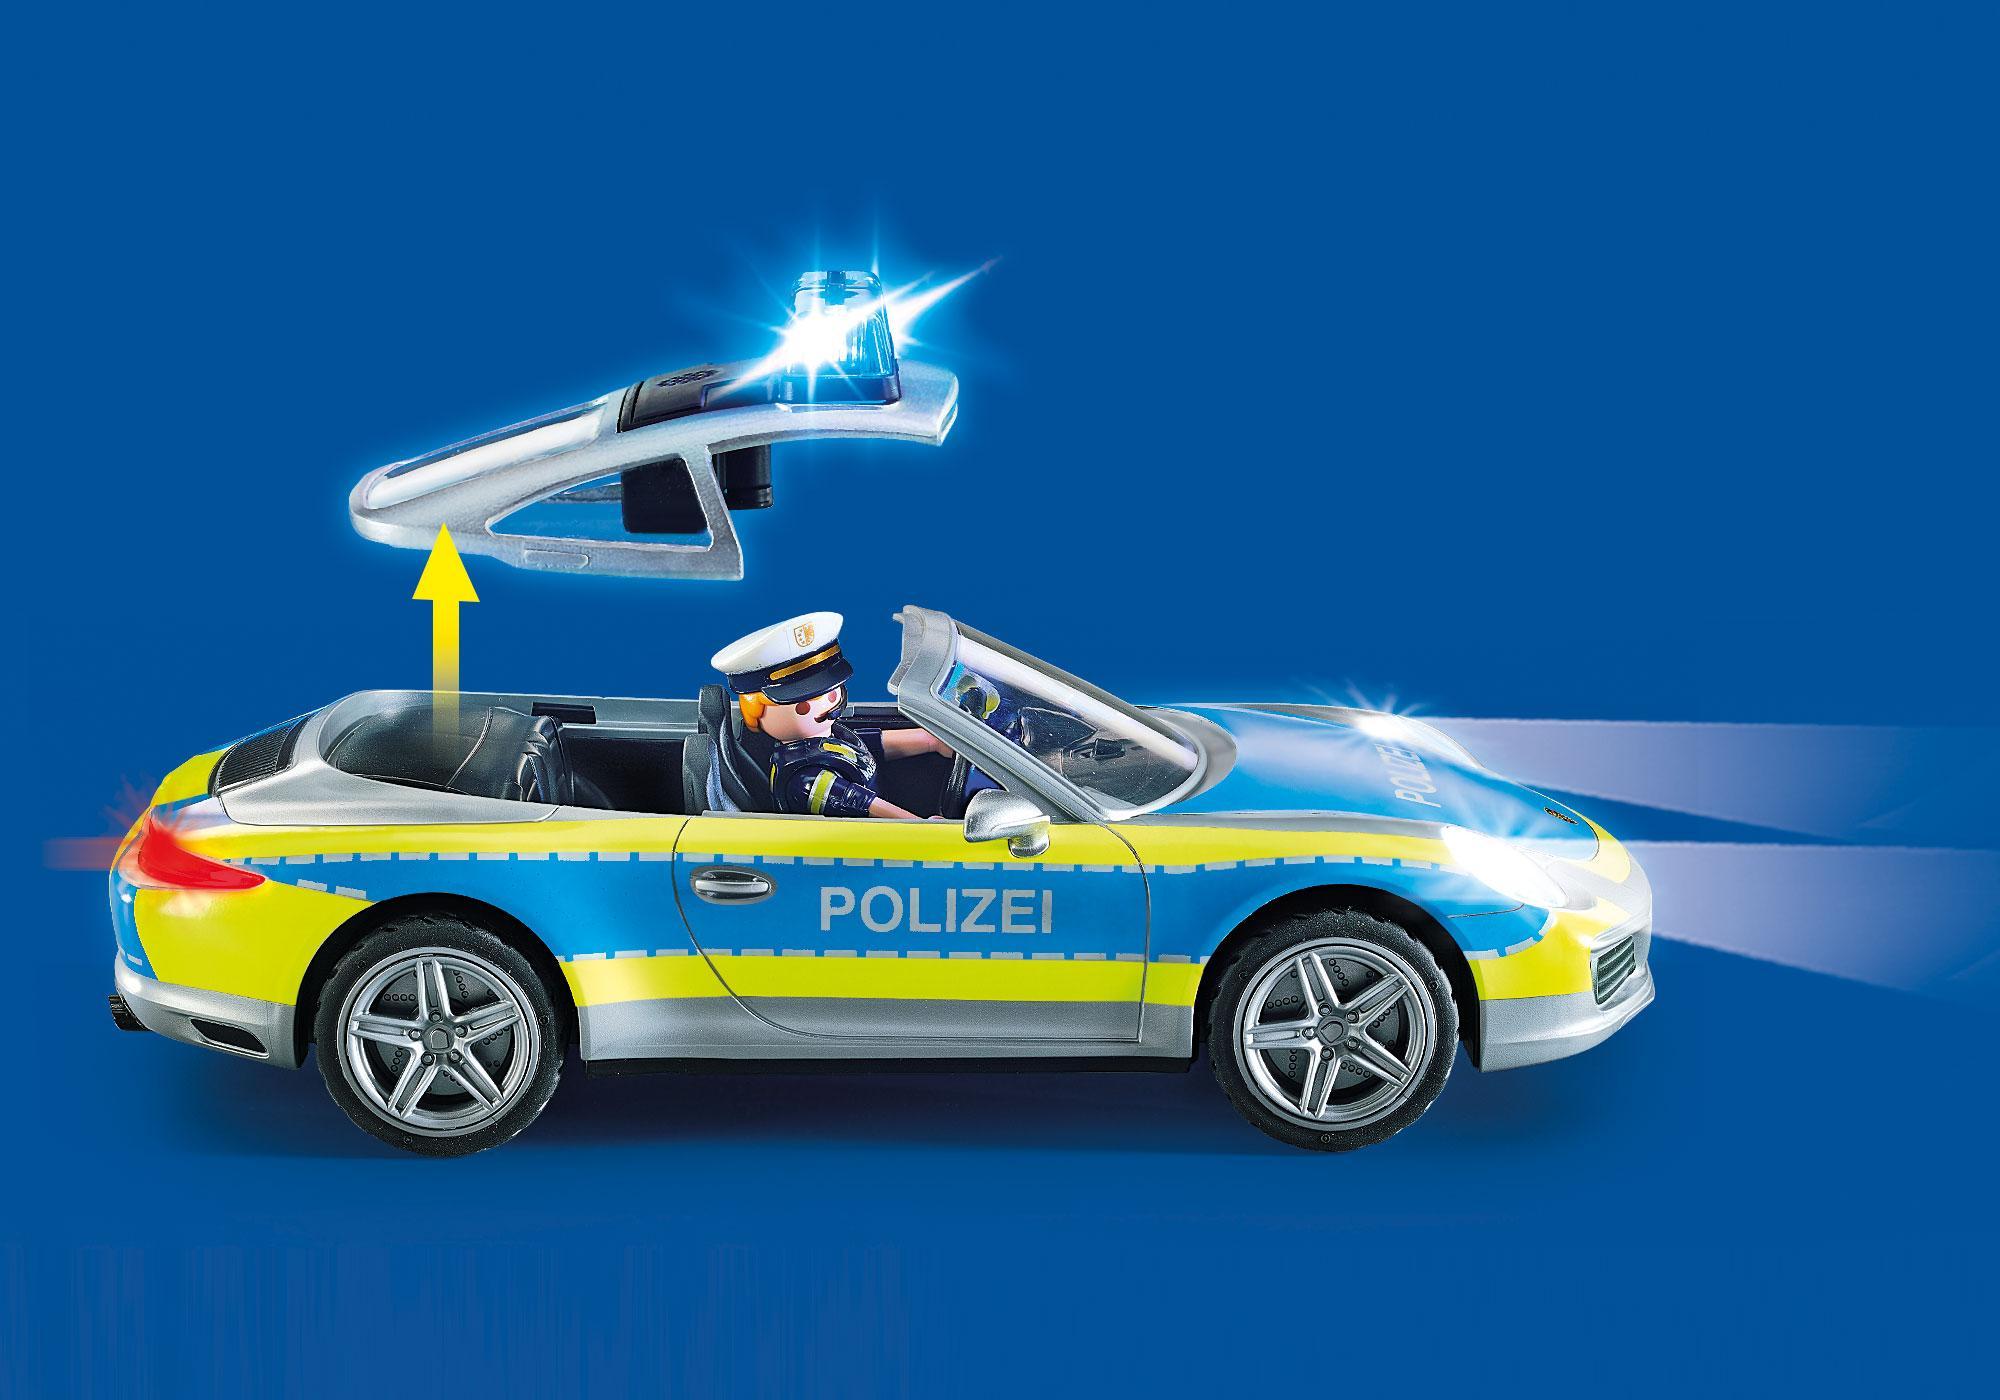 http://media.playmobil.com/i/playmobil/70067_product_extra1/Porsche 911 Carrera 4S Polizei